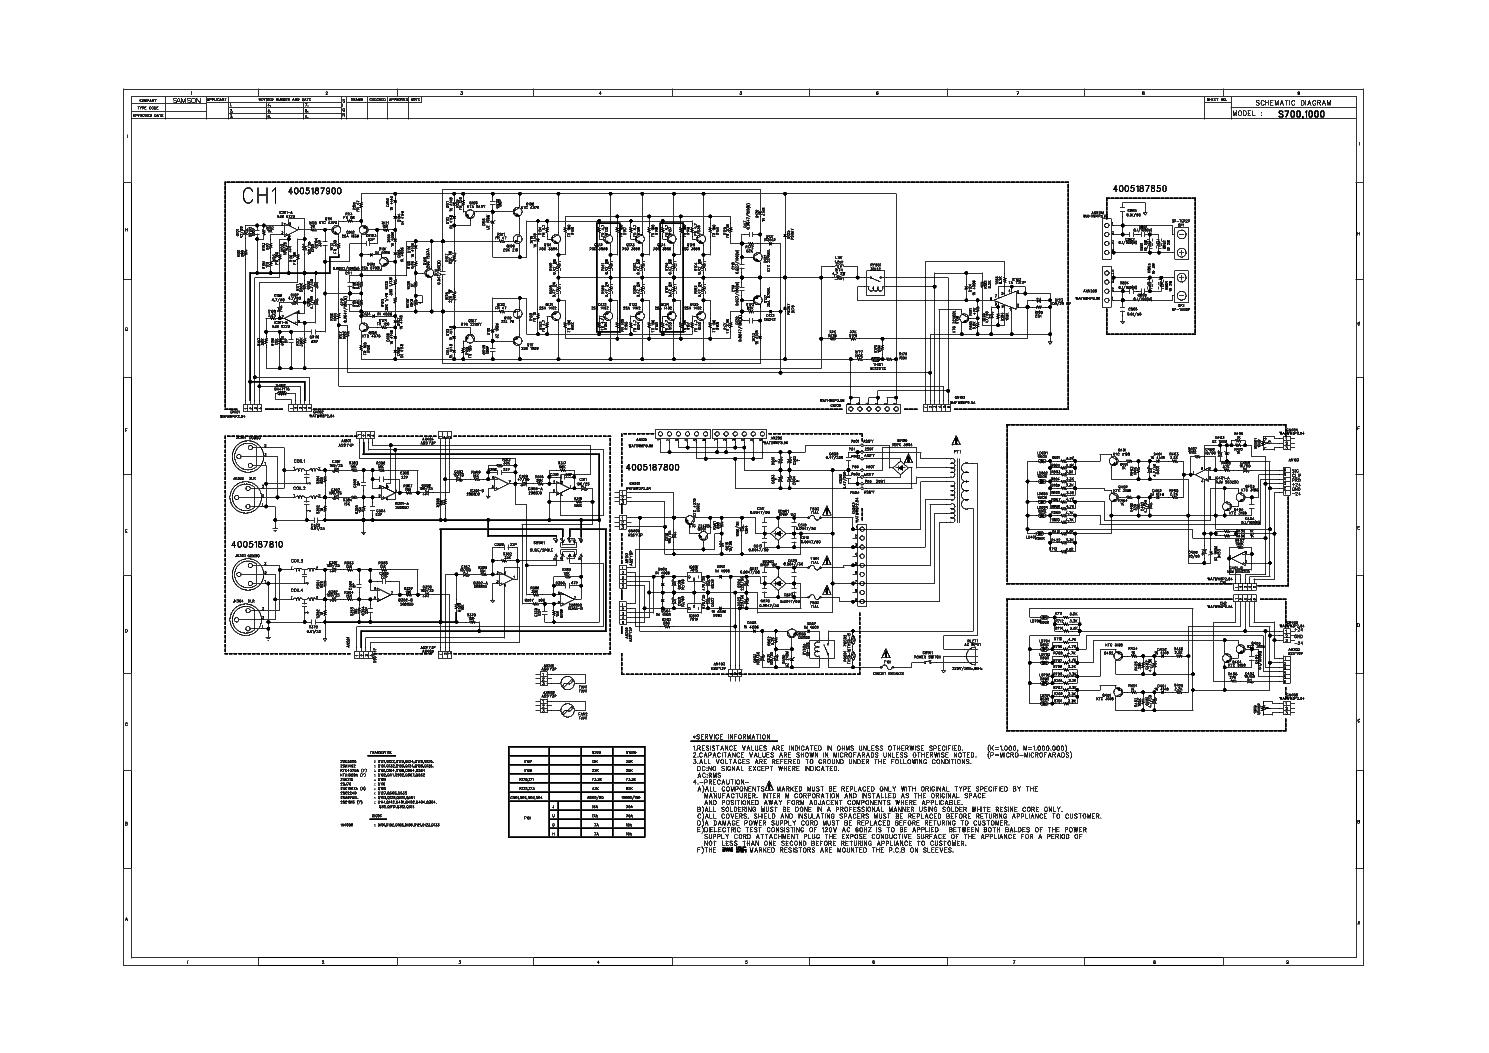 Samson S700 S1000 Sch Service Manual Download Schematics Eeprom Free 550 Wiring Diagram 1st Page